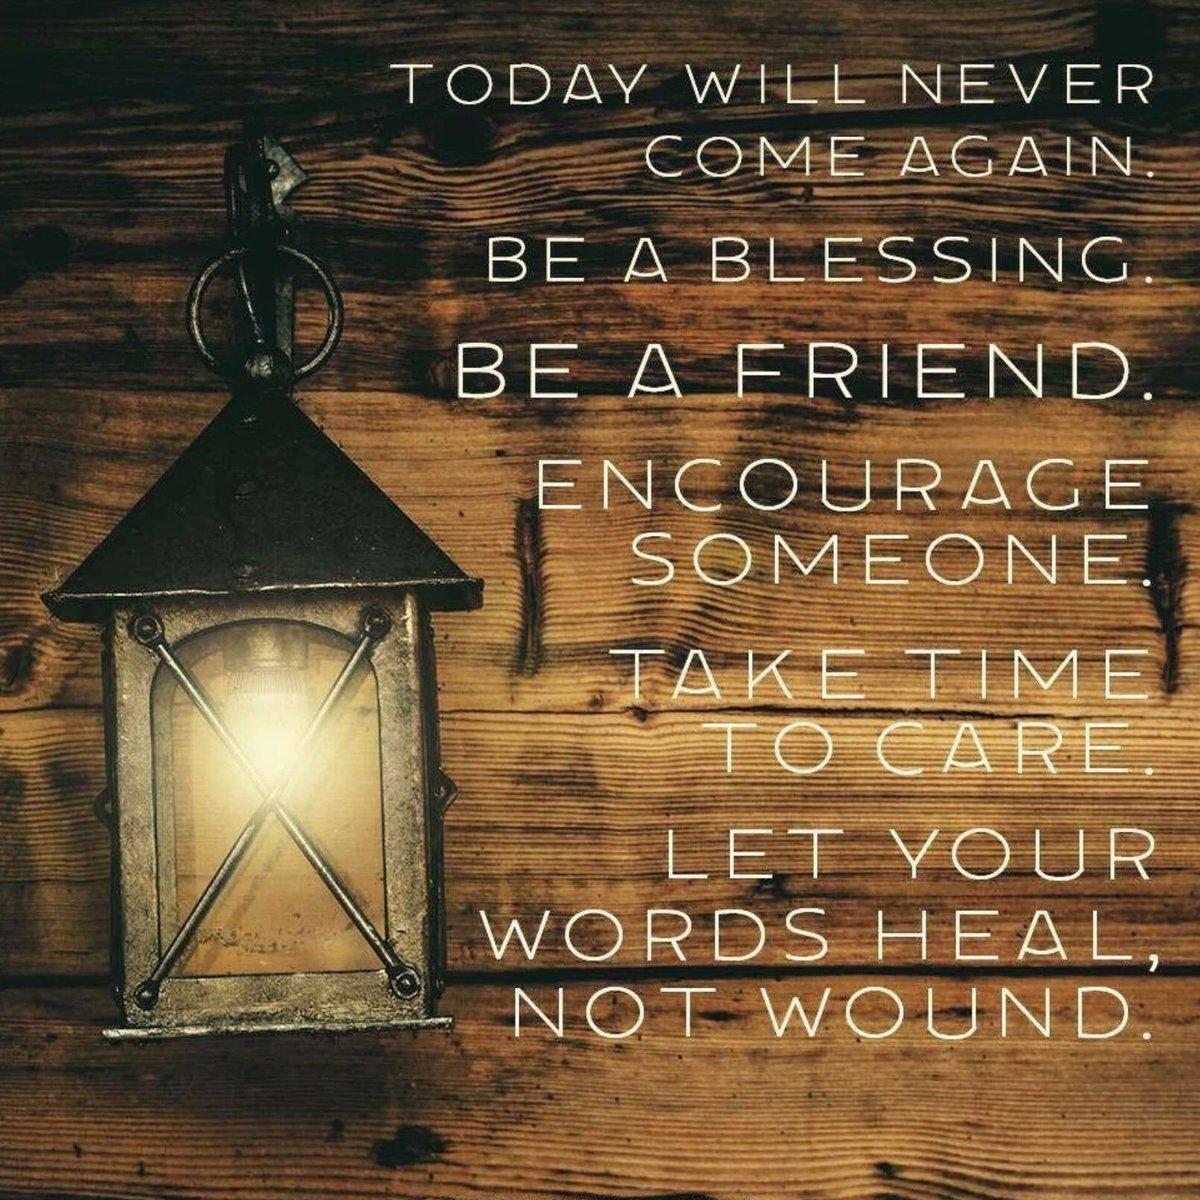 Words are so powerful. Use them wisely! #JoyfulLeaders #bekindEDU